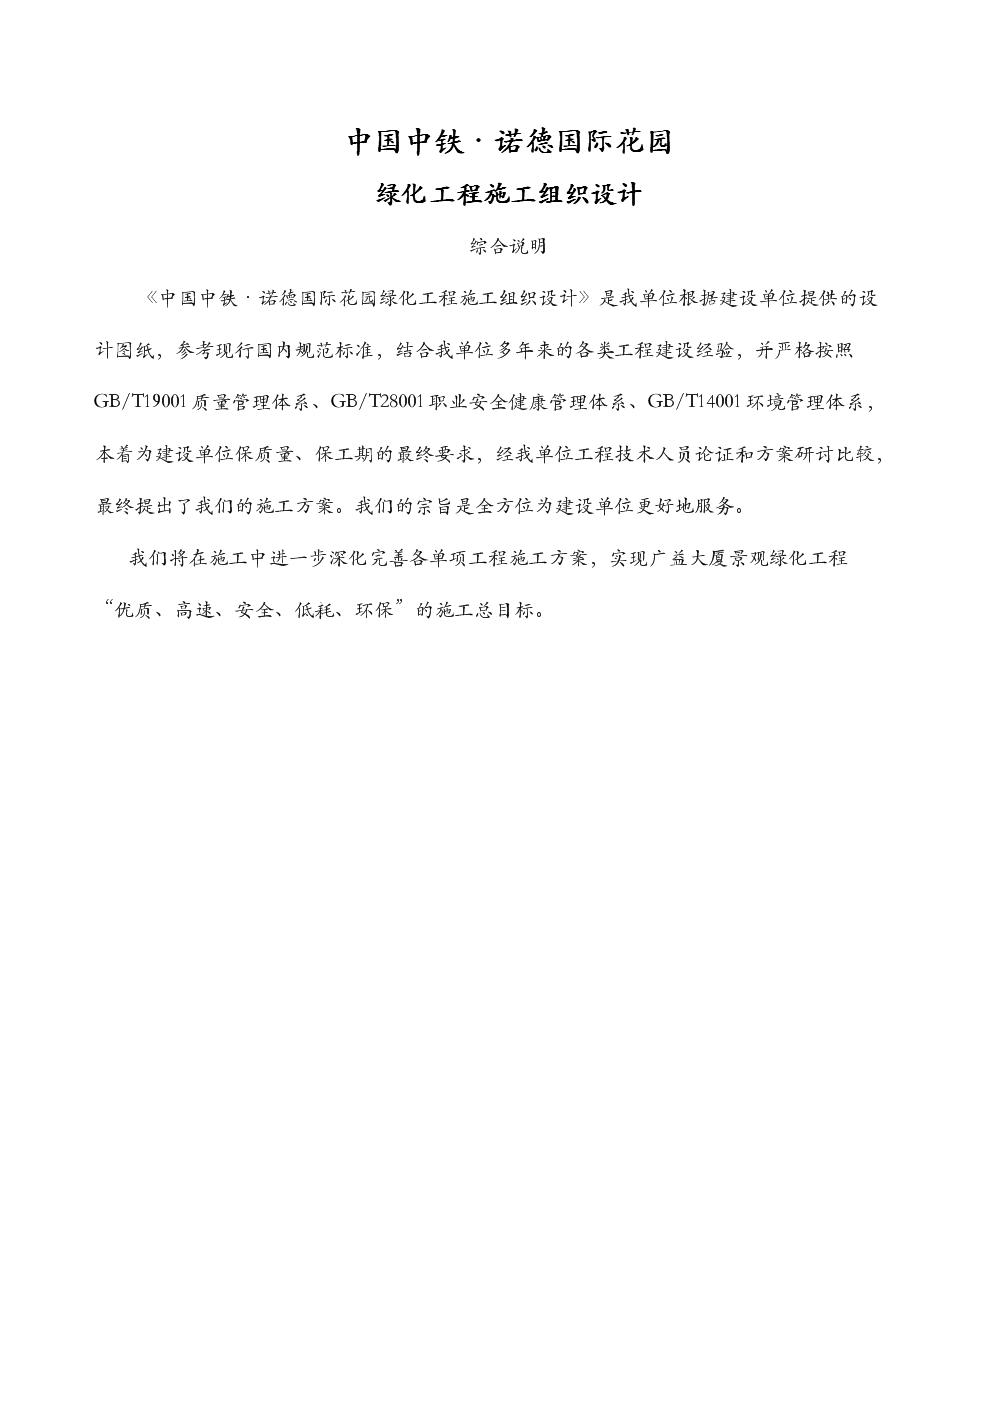 中国中铁诺德国际花园绿化工程施工组织设计.doc